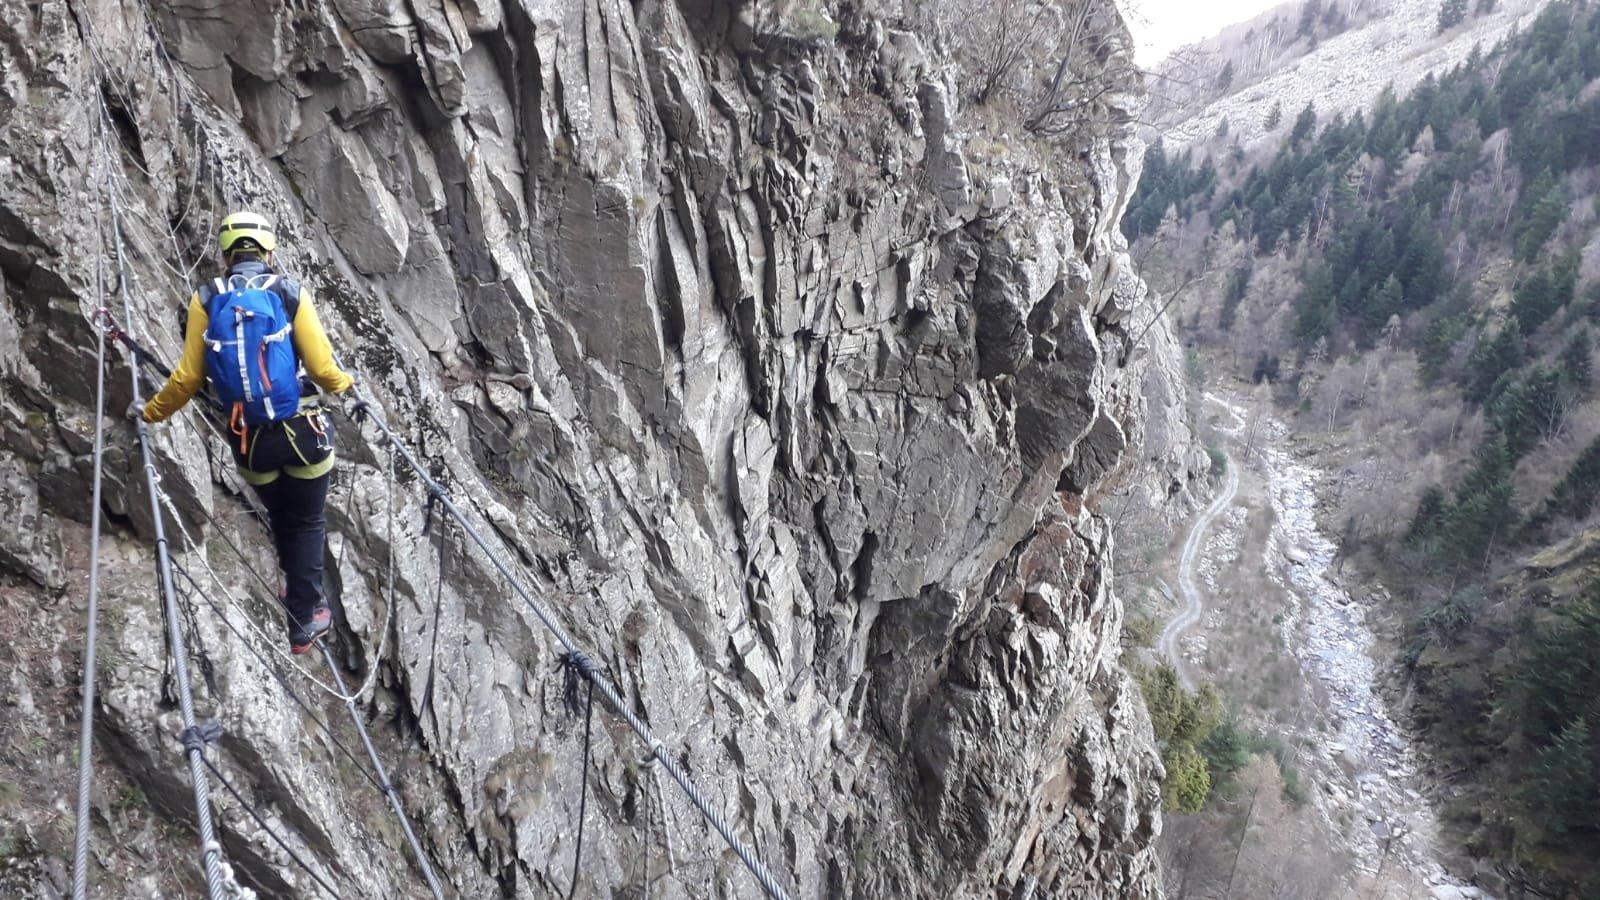 Dal ponte tibetano si vede, qualche metro sotto, la mulattiera che conduce all'attacco della via